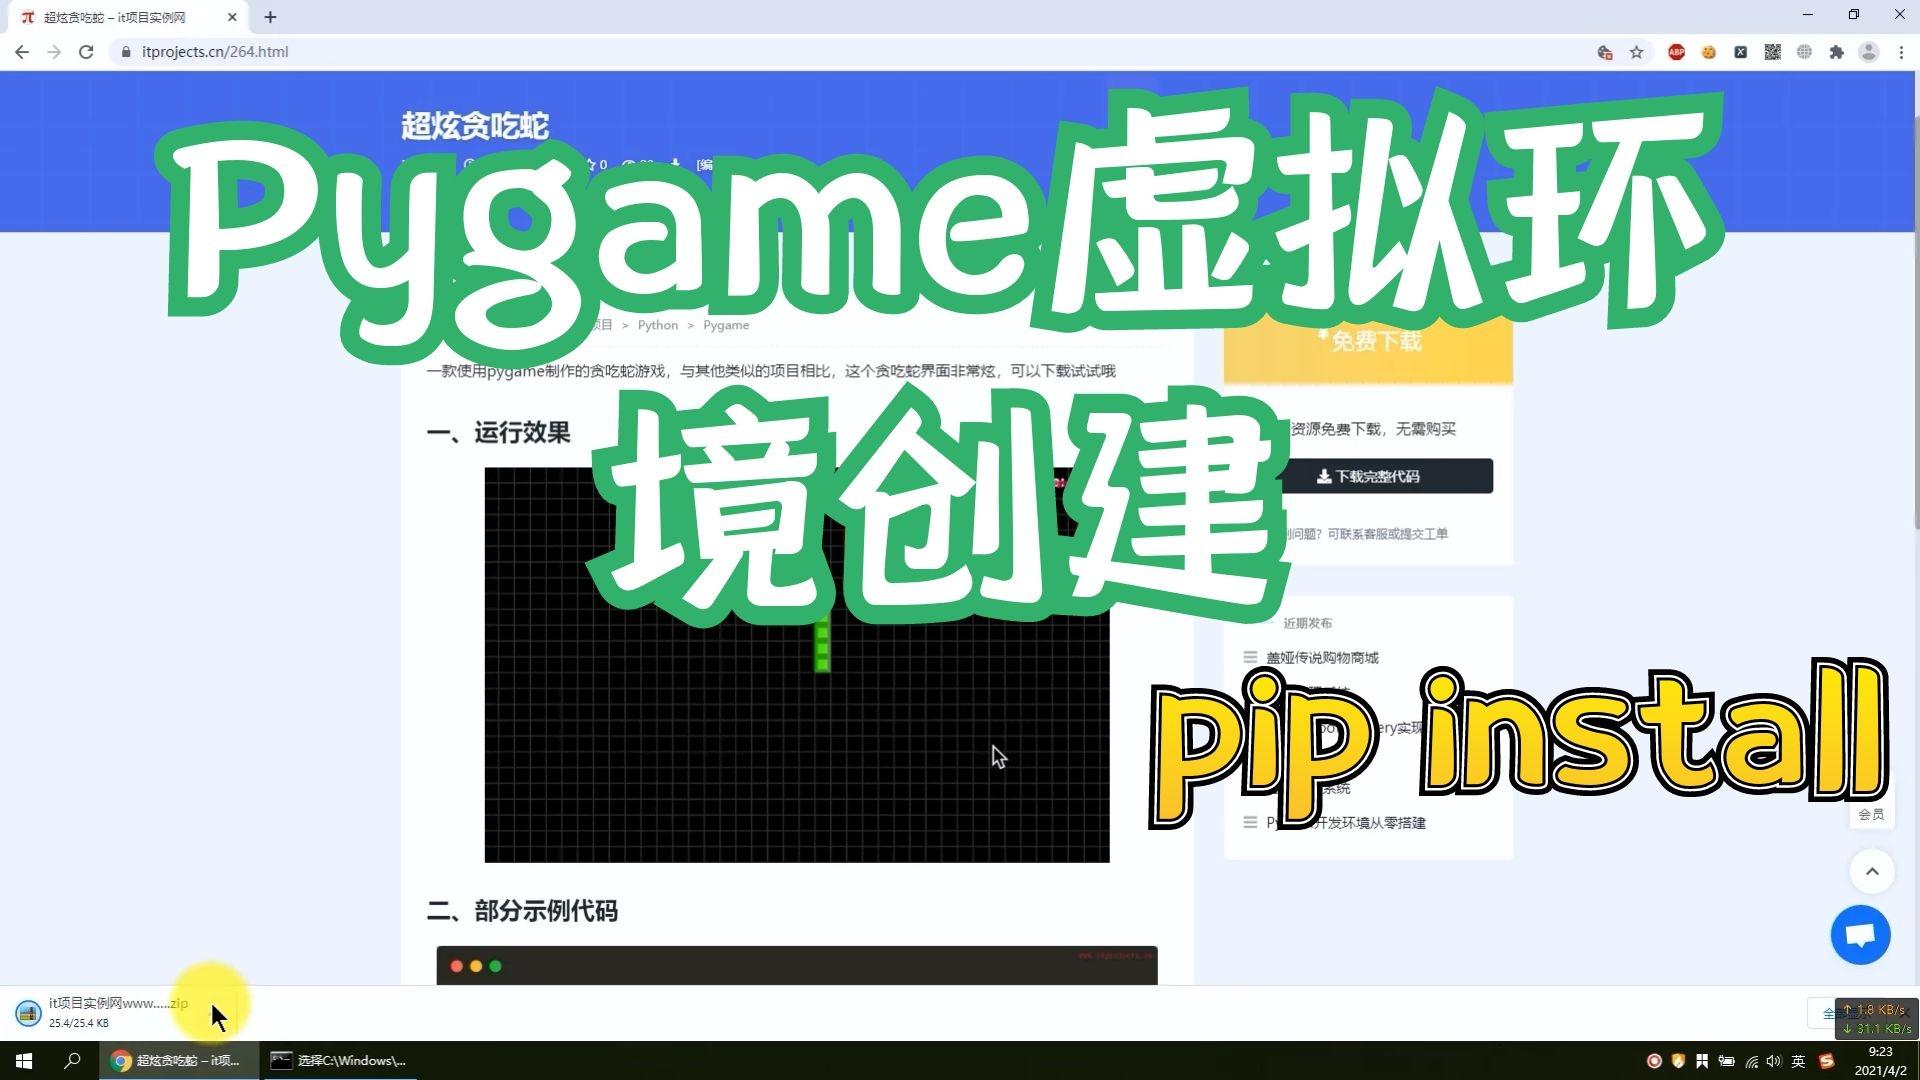 创建Pygame虚拟环境,为Python小游戏做准备